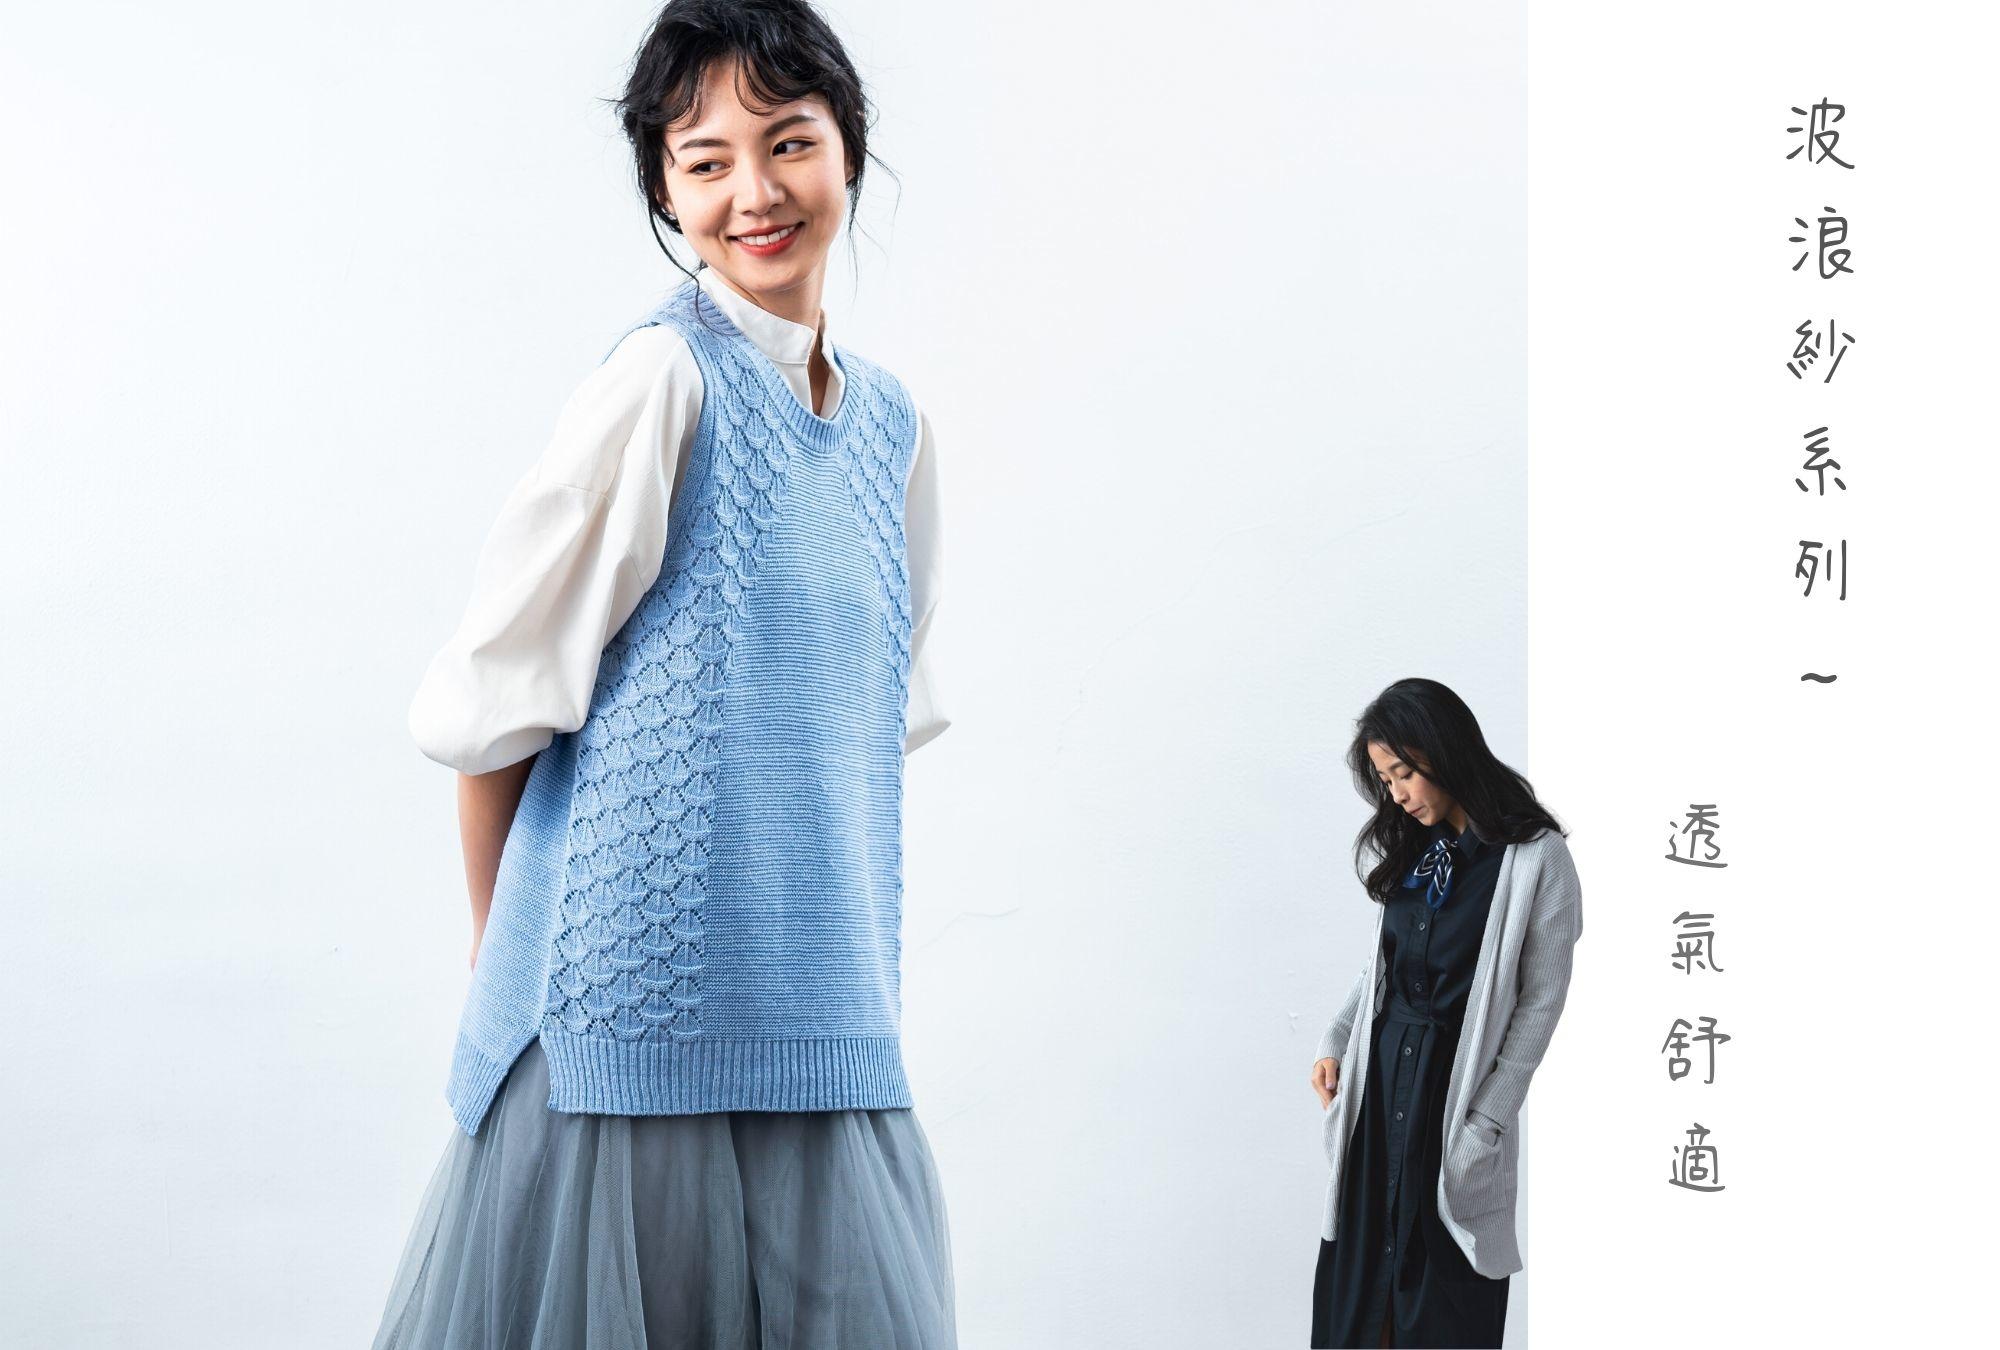 乾爽透氣波浪紗針織系列-外套&上衣&背心是妳日常穿搭的好朋友